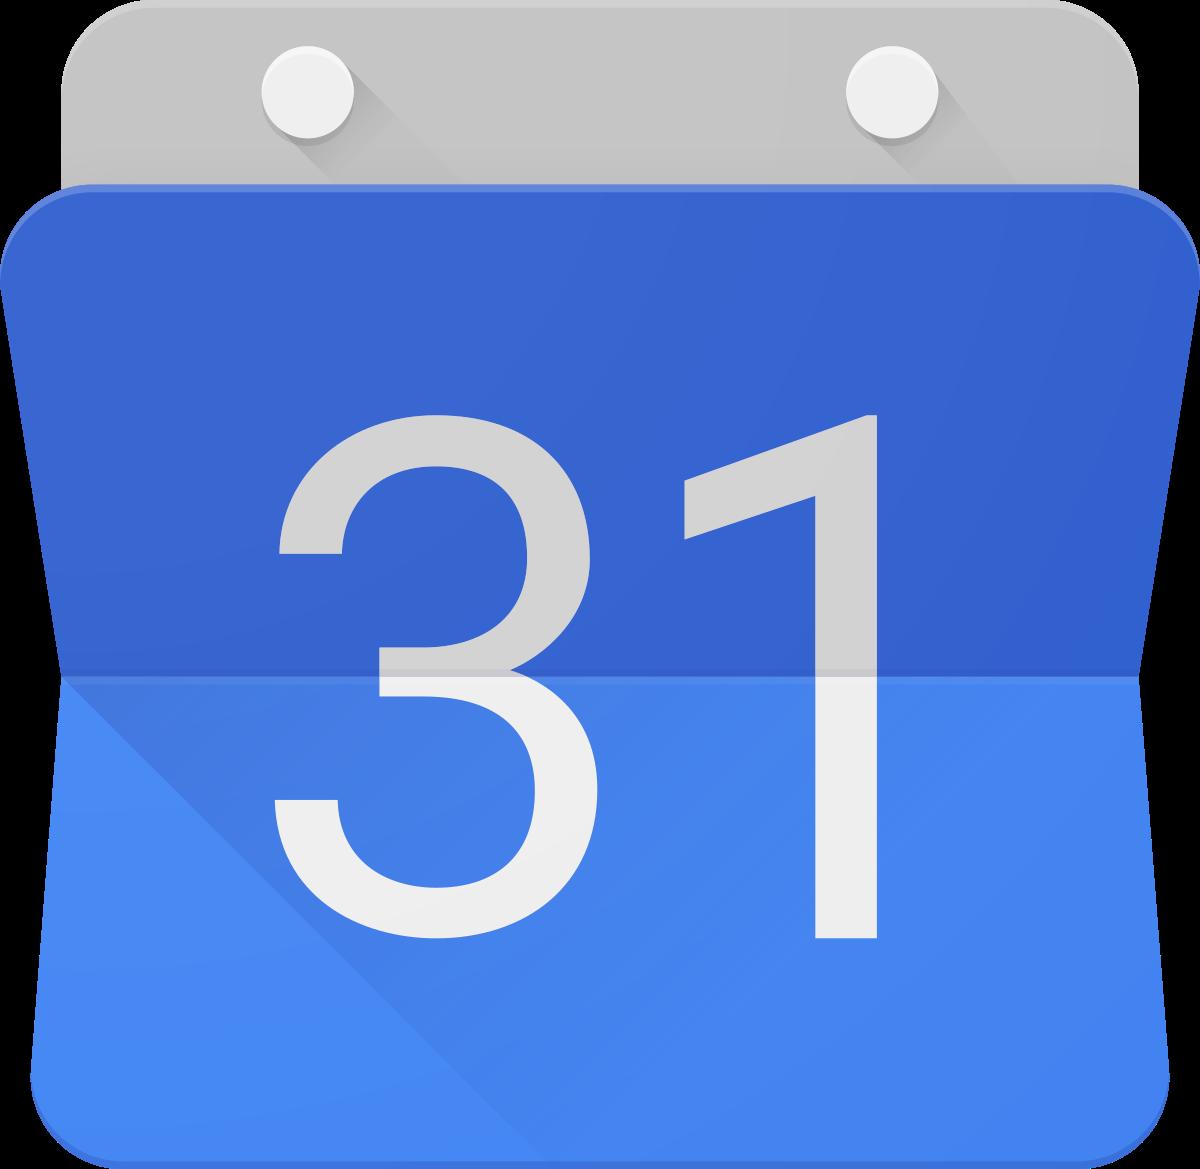 Event Calendar 251